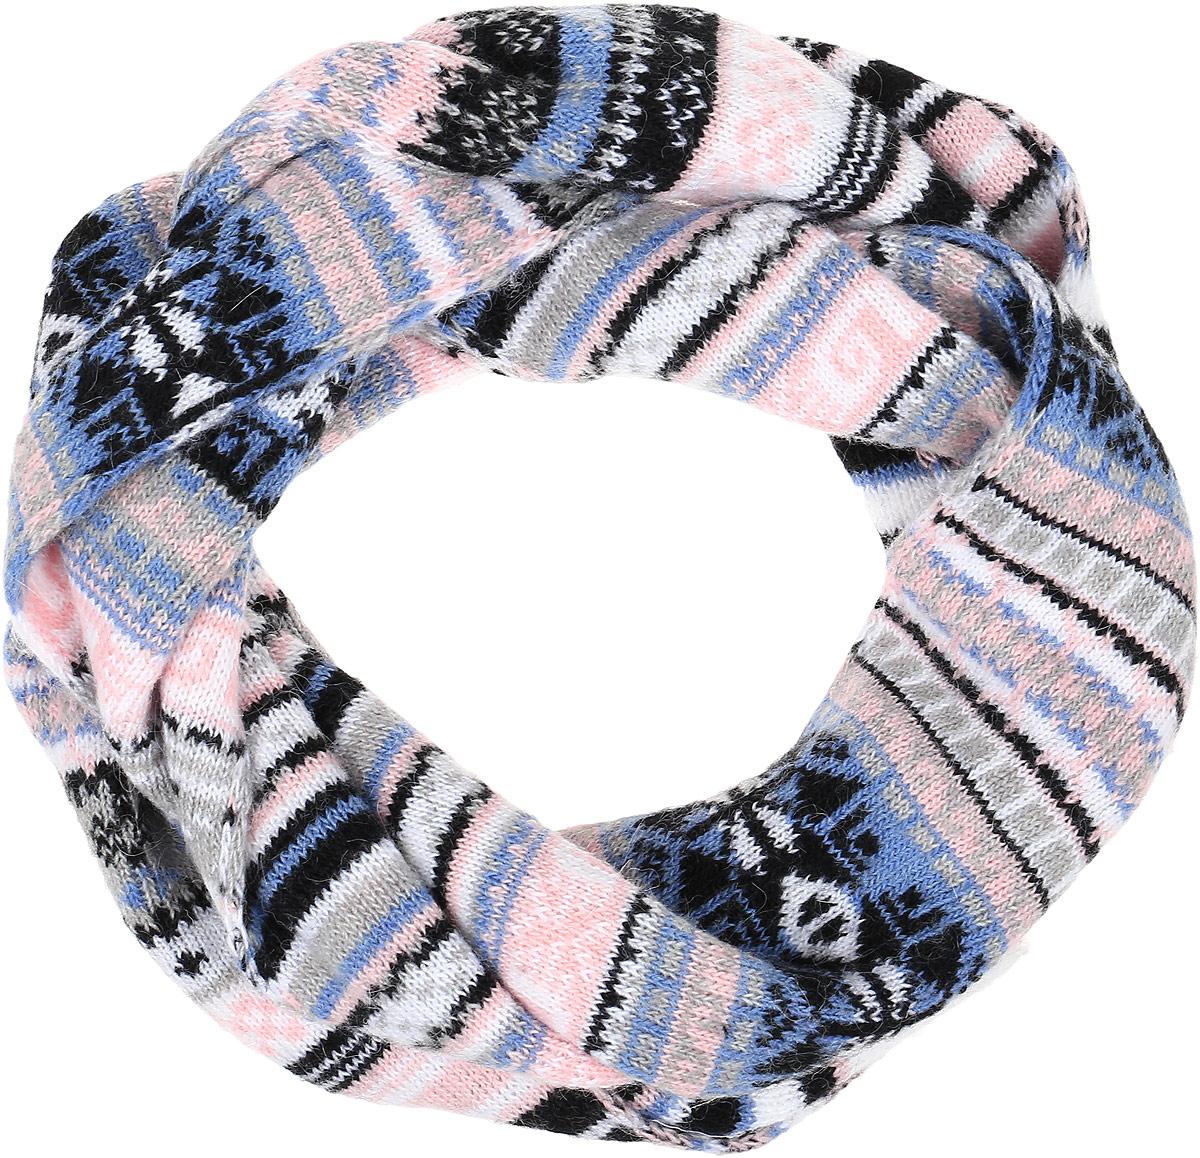 W16-12120_200Шарф Finn Flare станет отличным дополнением к вашему гардеробу в холодную погоду. Шарф, выполненный из акрила с добавлением альпаки и шерсти, очень мягкий, теплый и приятный на ощупь. Модель оформлена оригинальным принтом и дополнена металлической пластиной с названием бренда. Современный дизайн и расцветка делают этот шарф модным и стильным аксессуаром. Он подарит вам ощущение тепла, комфорта и уюта.